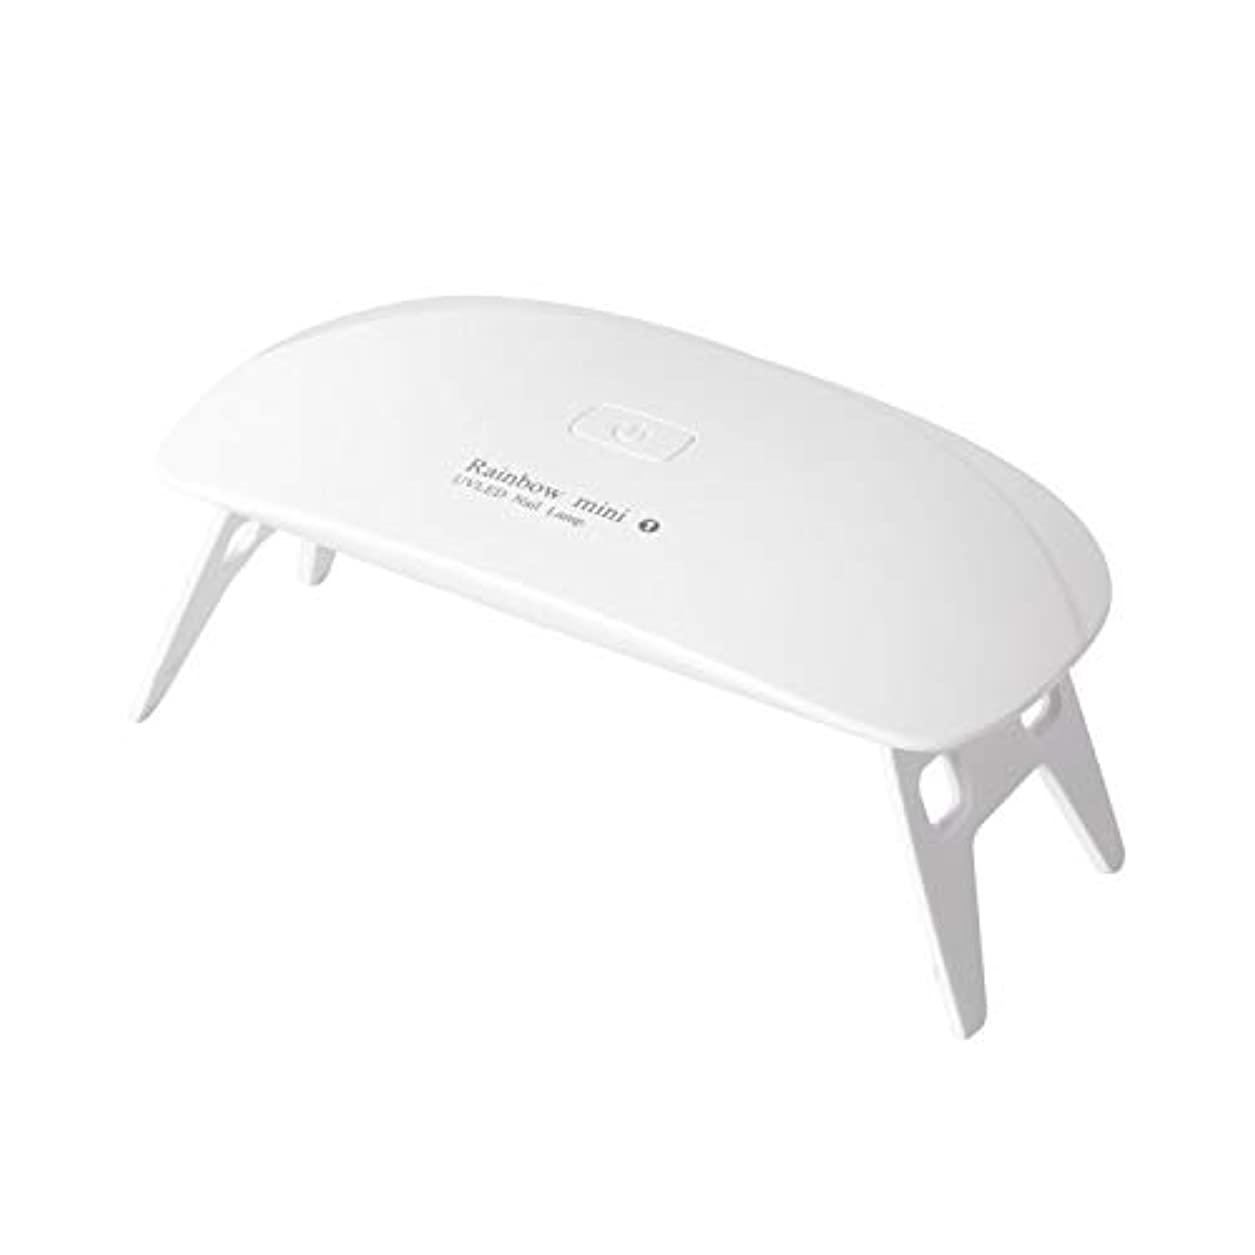 下位余剰インチLEDネイルドライヤーAmoVee UVライト 硬化ライト タイマー設定可能 UV と LEDダブルライト 折りたたみ式 ジェルネイル用 携帯用 ホワイト